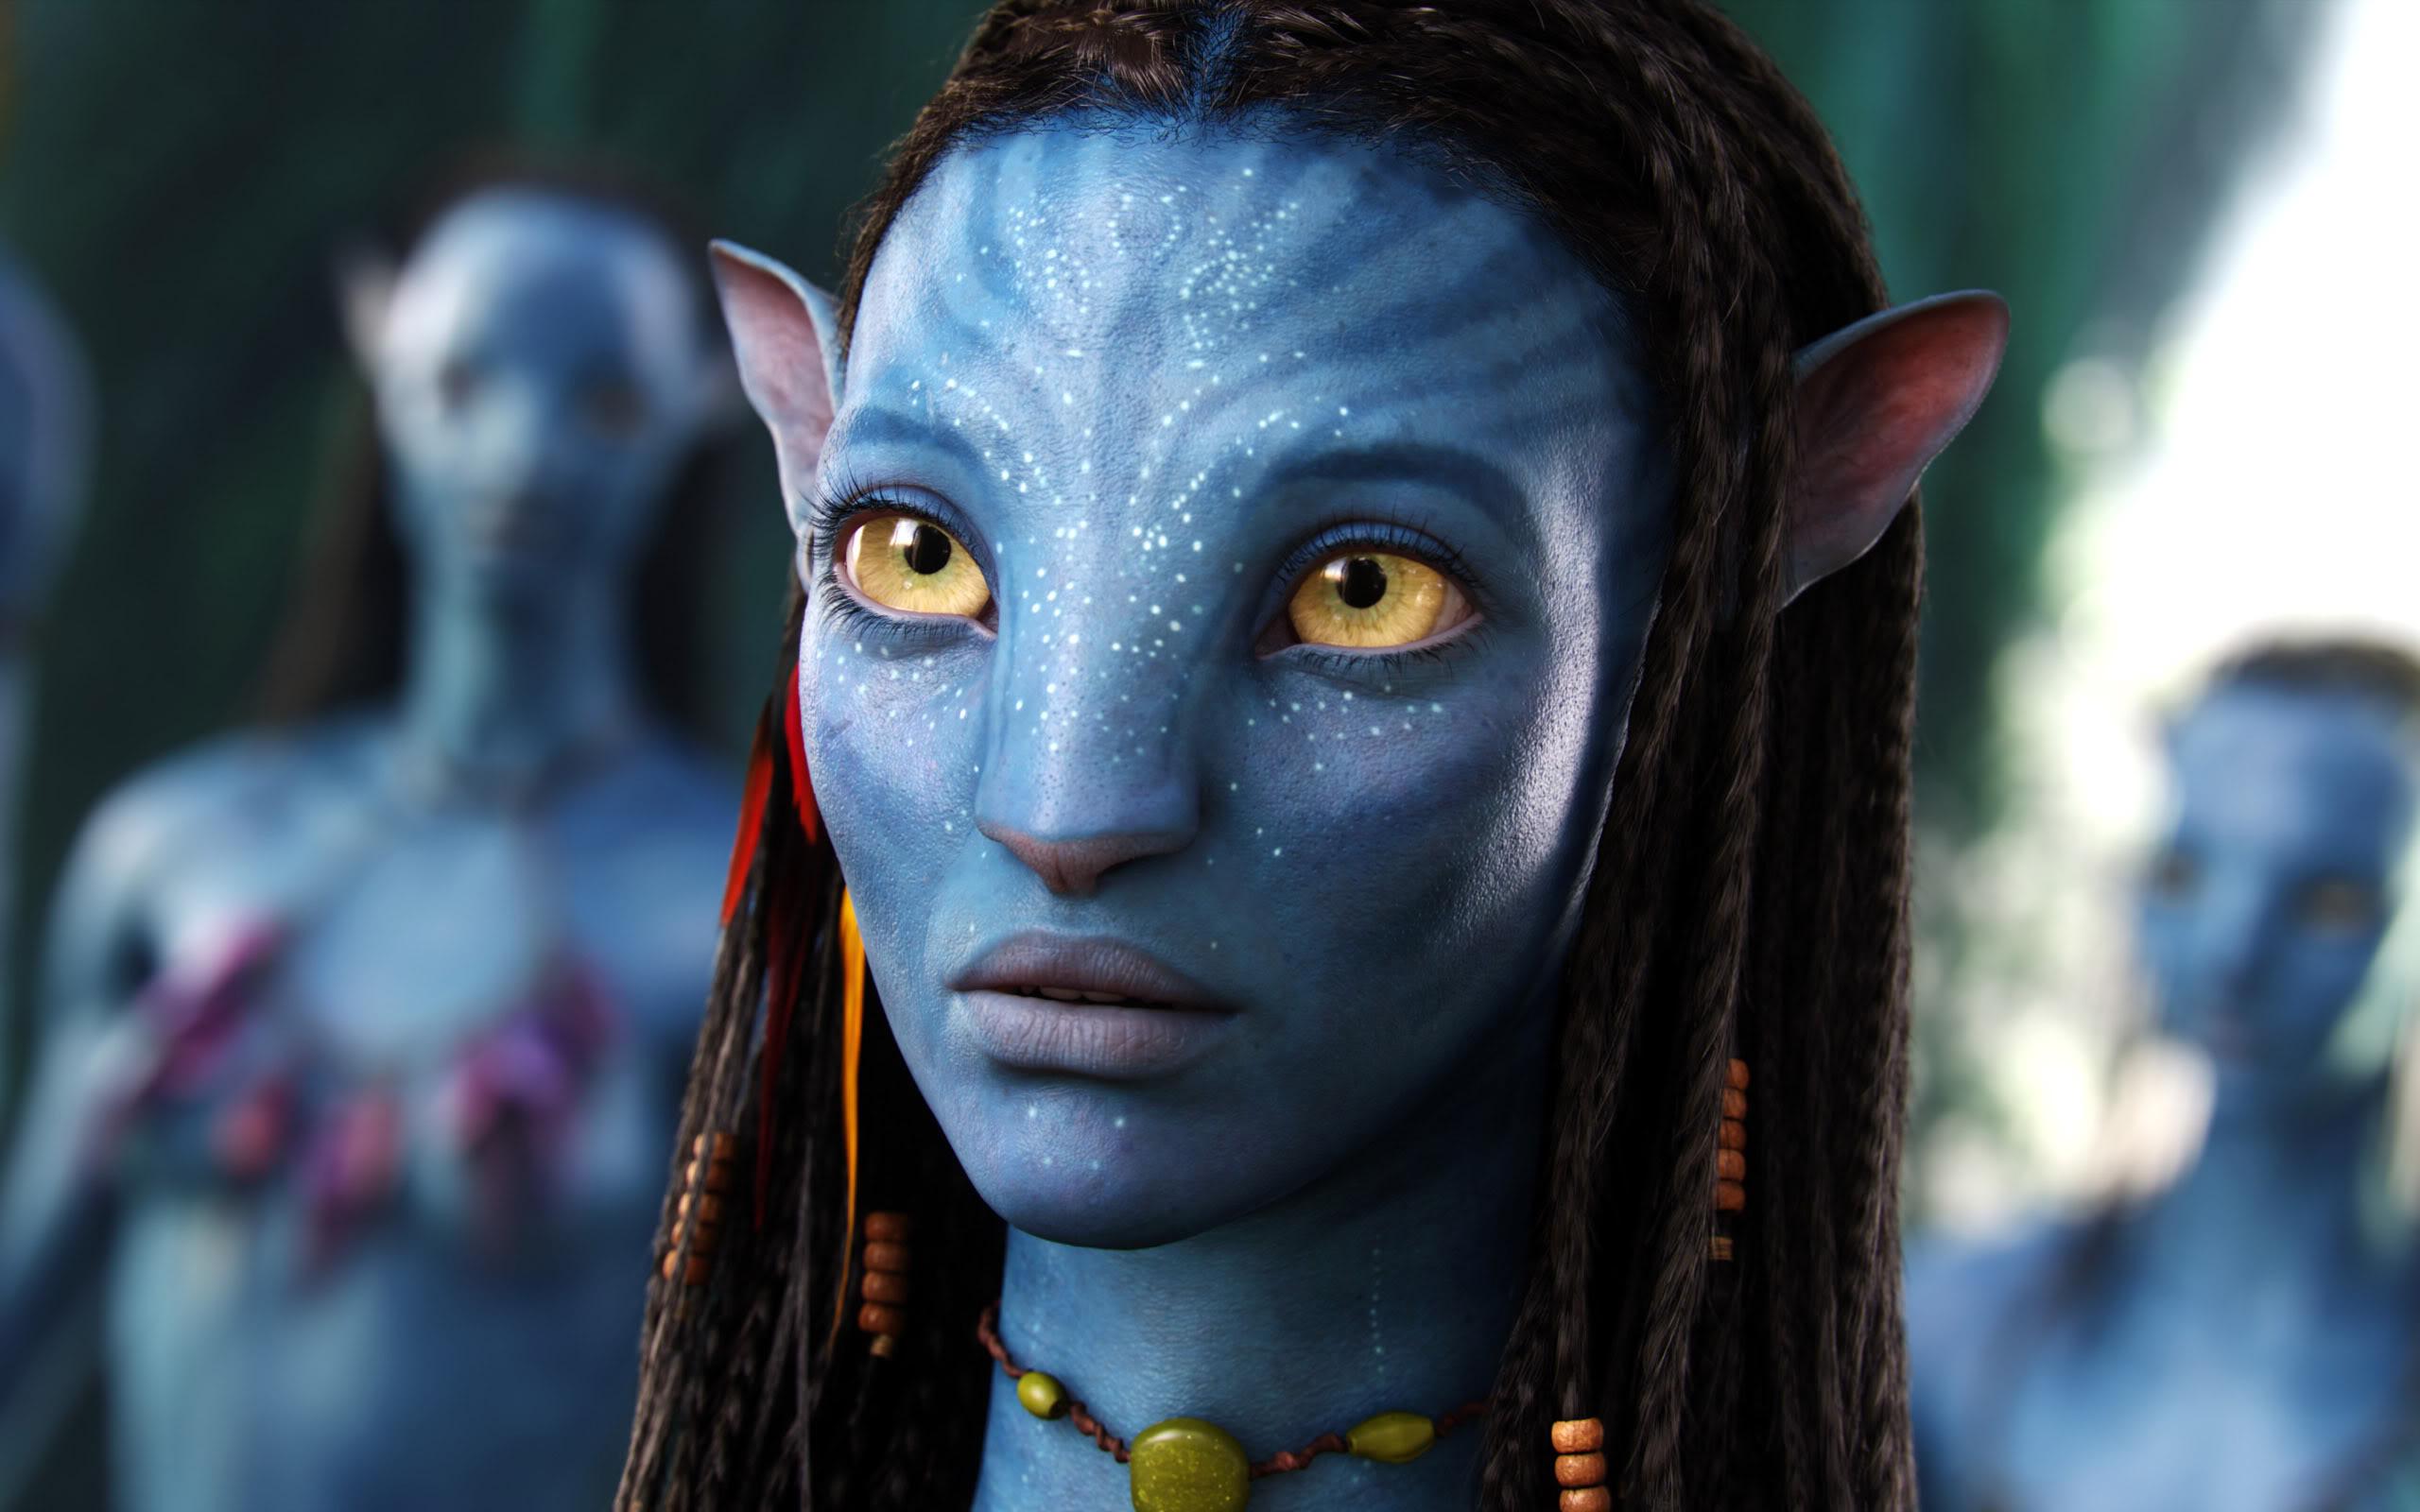 Mira por qué fue prohibida la película Avatar en China